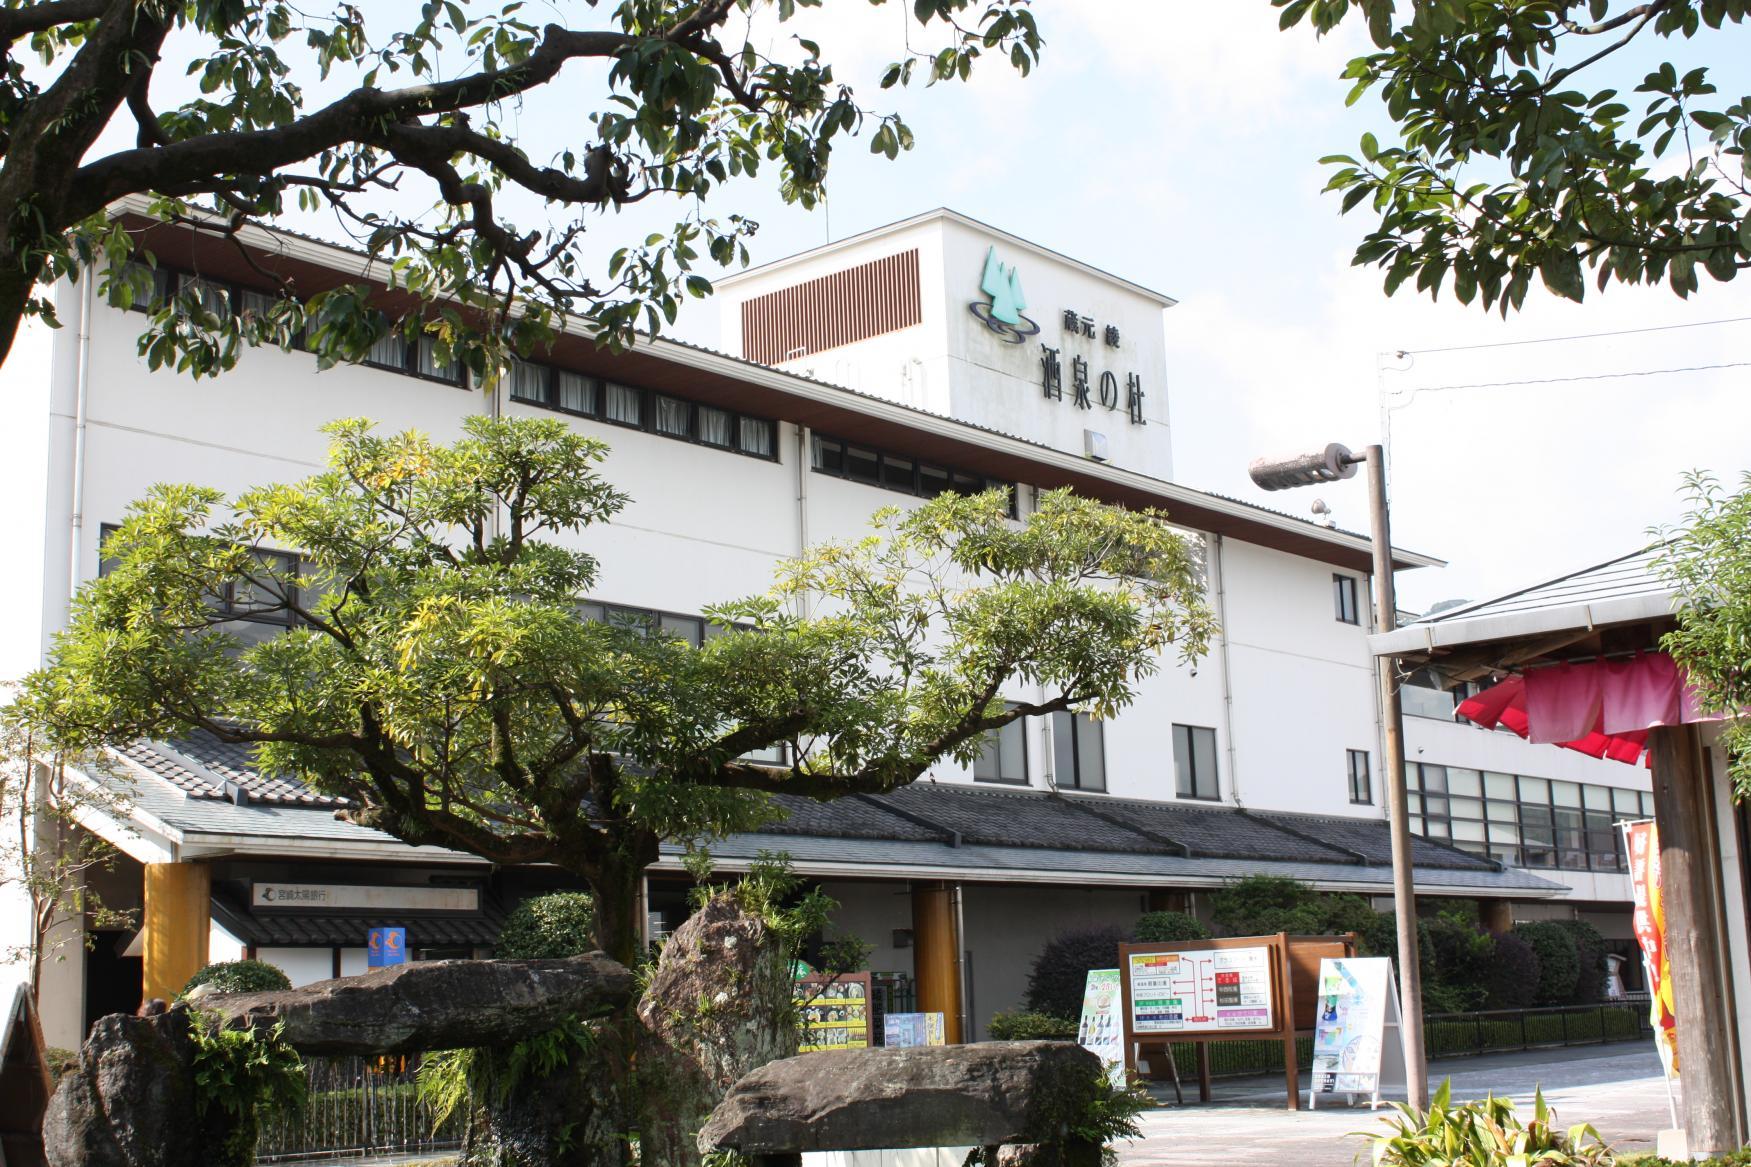 宮崎を代表する蔵元が運営する「蔵元 綾 酒泉の杜」-1